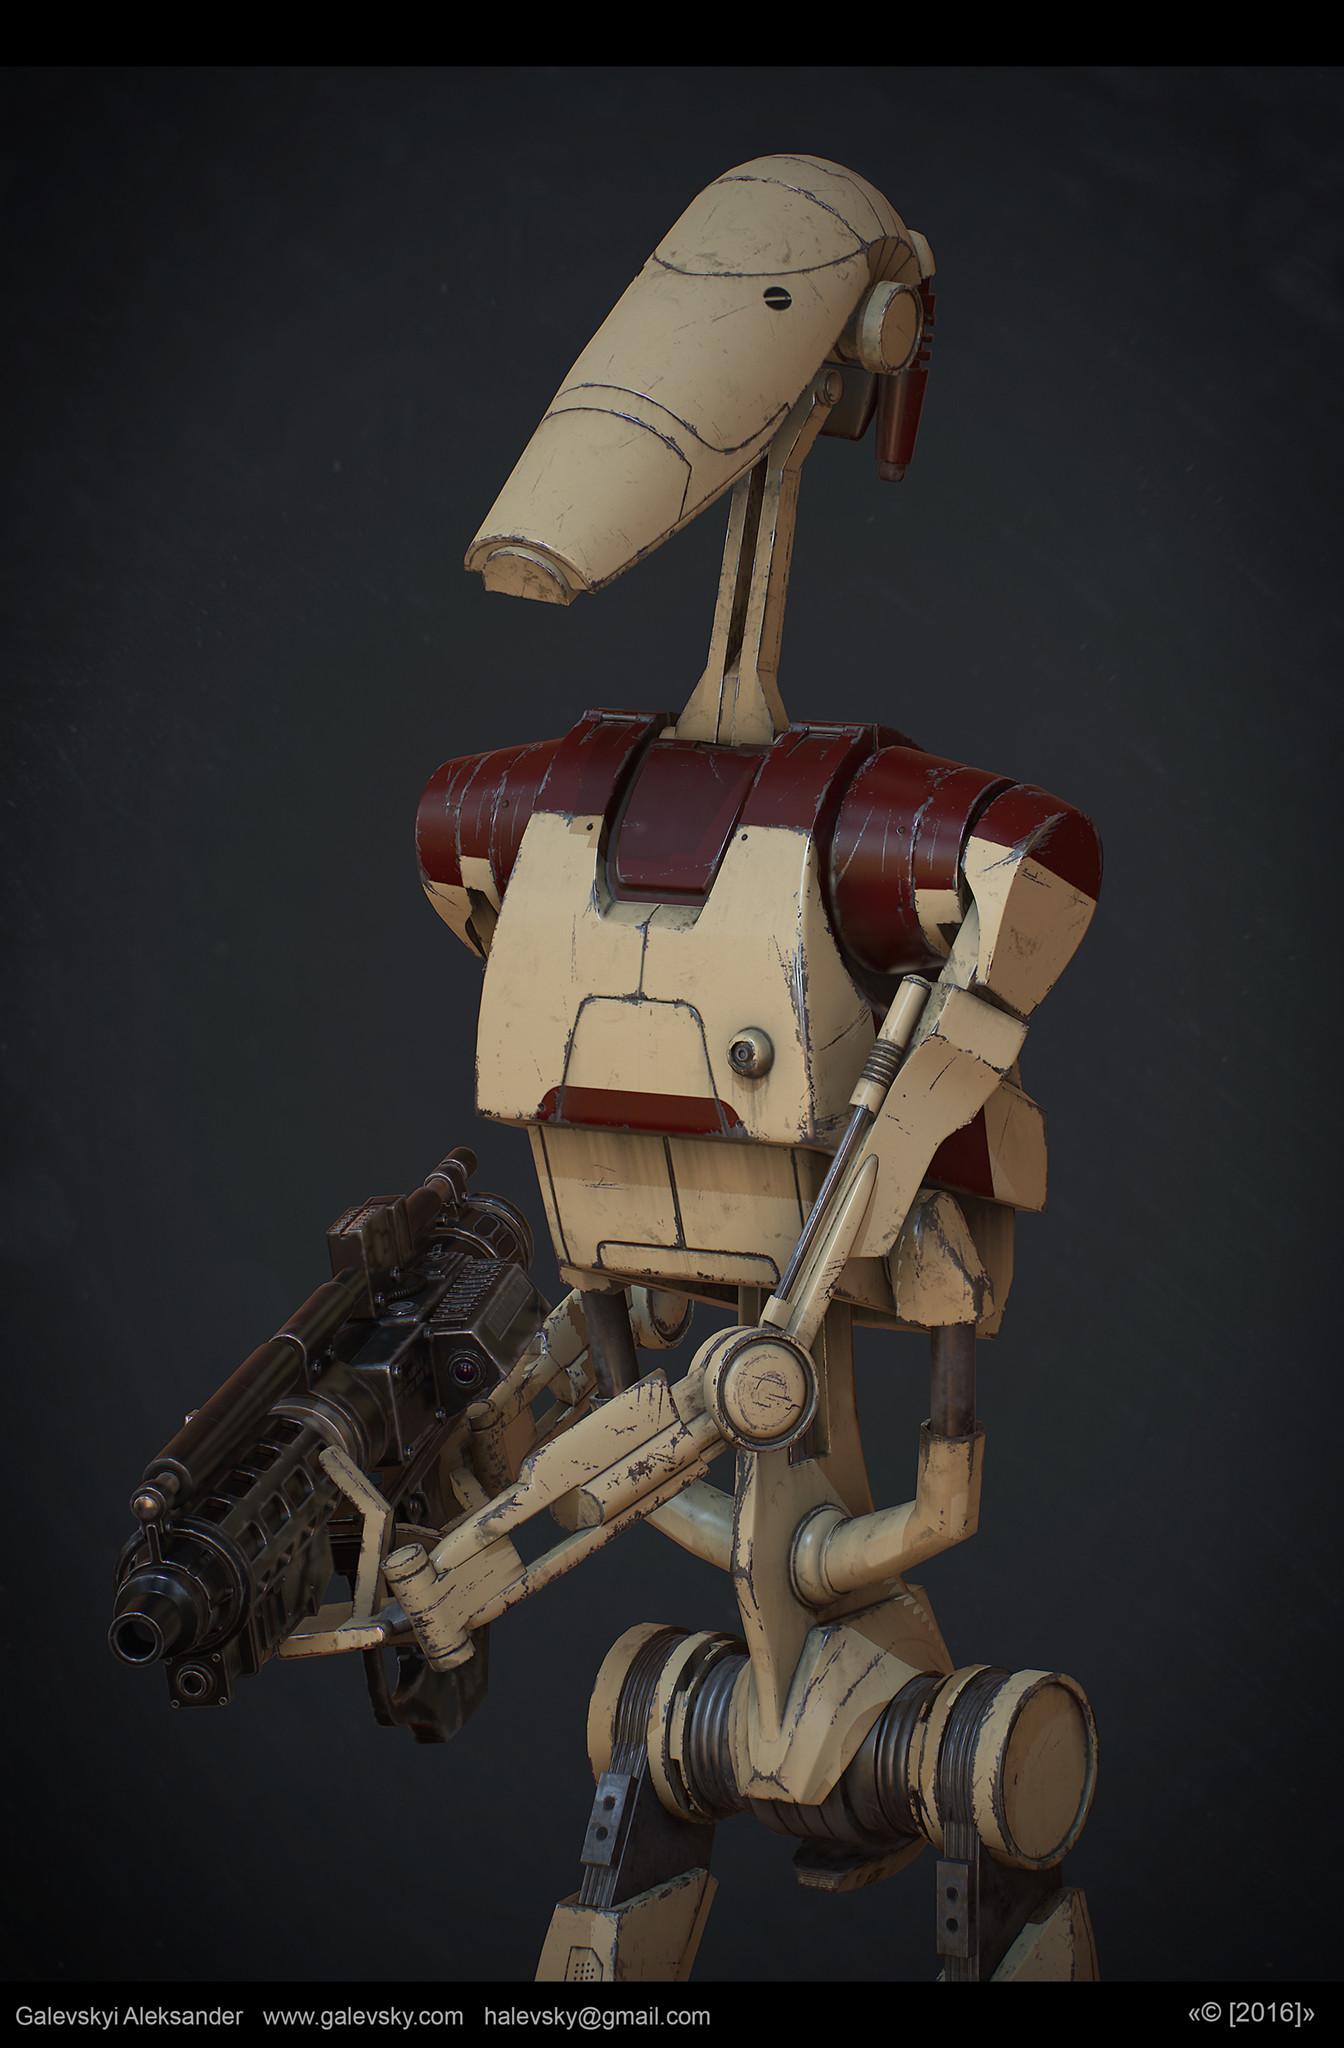 Aleksander galevskyi droid posed 01 mid